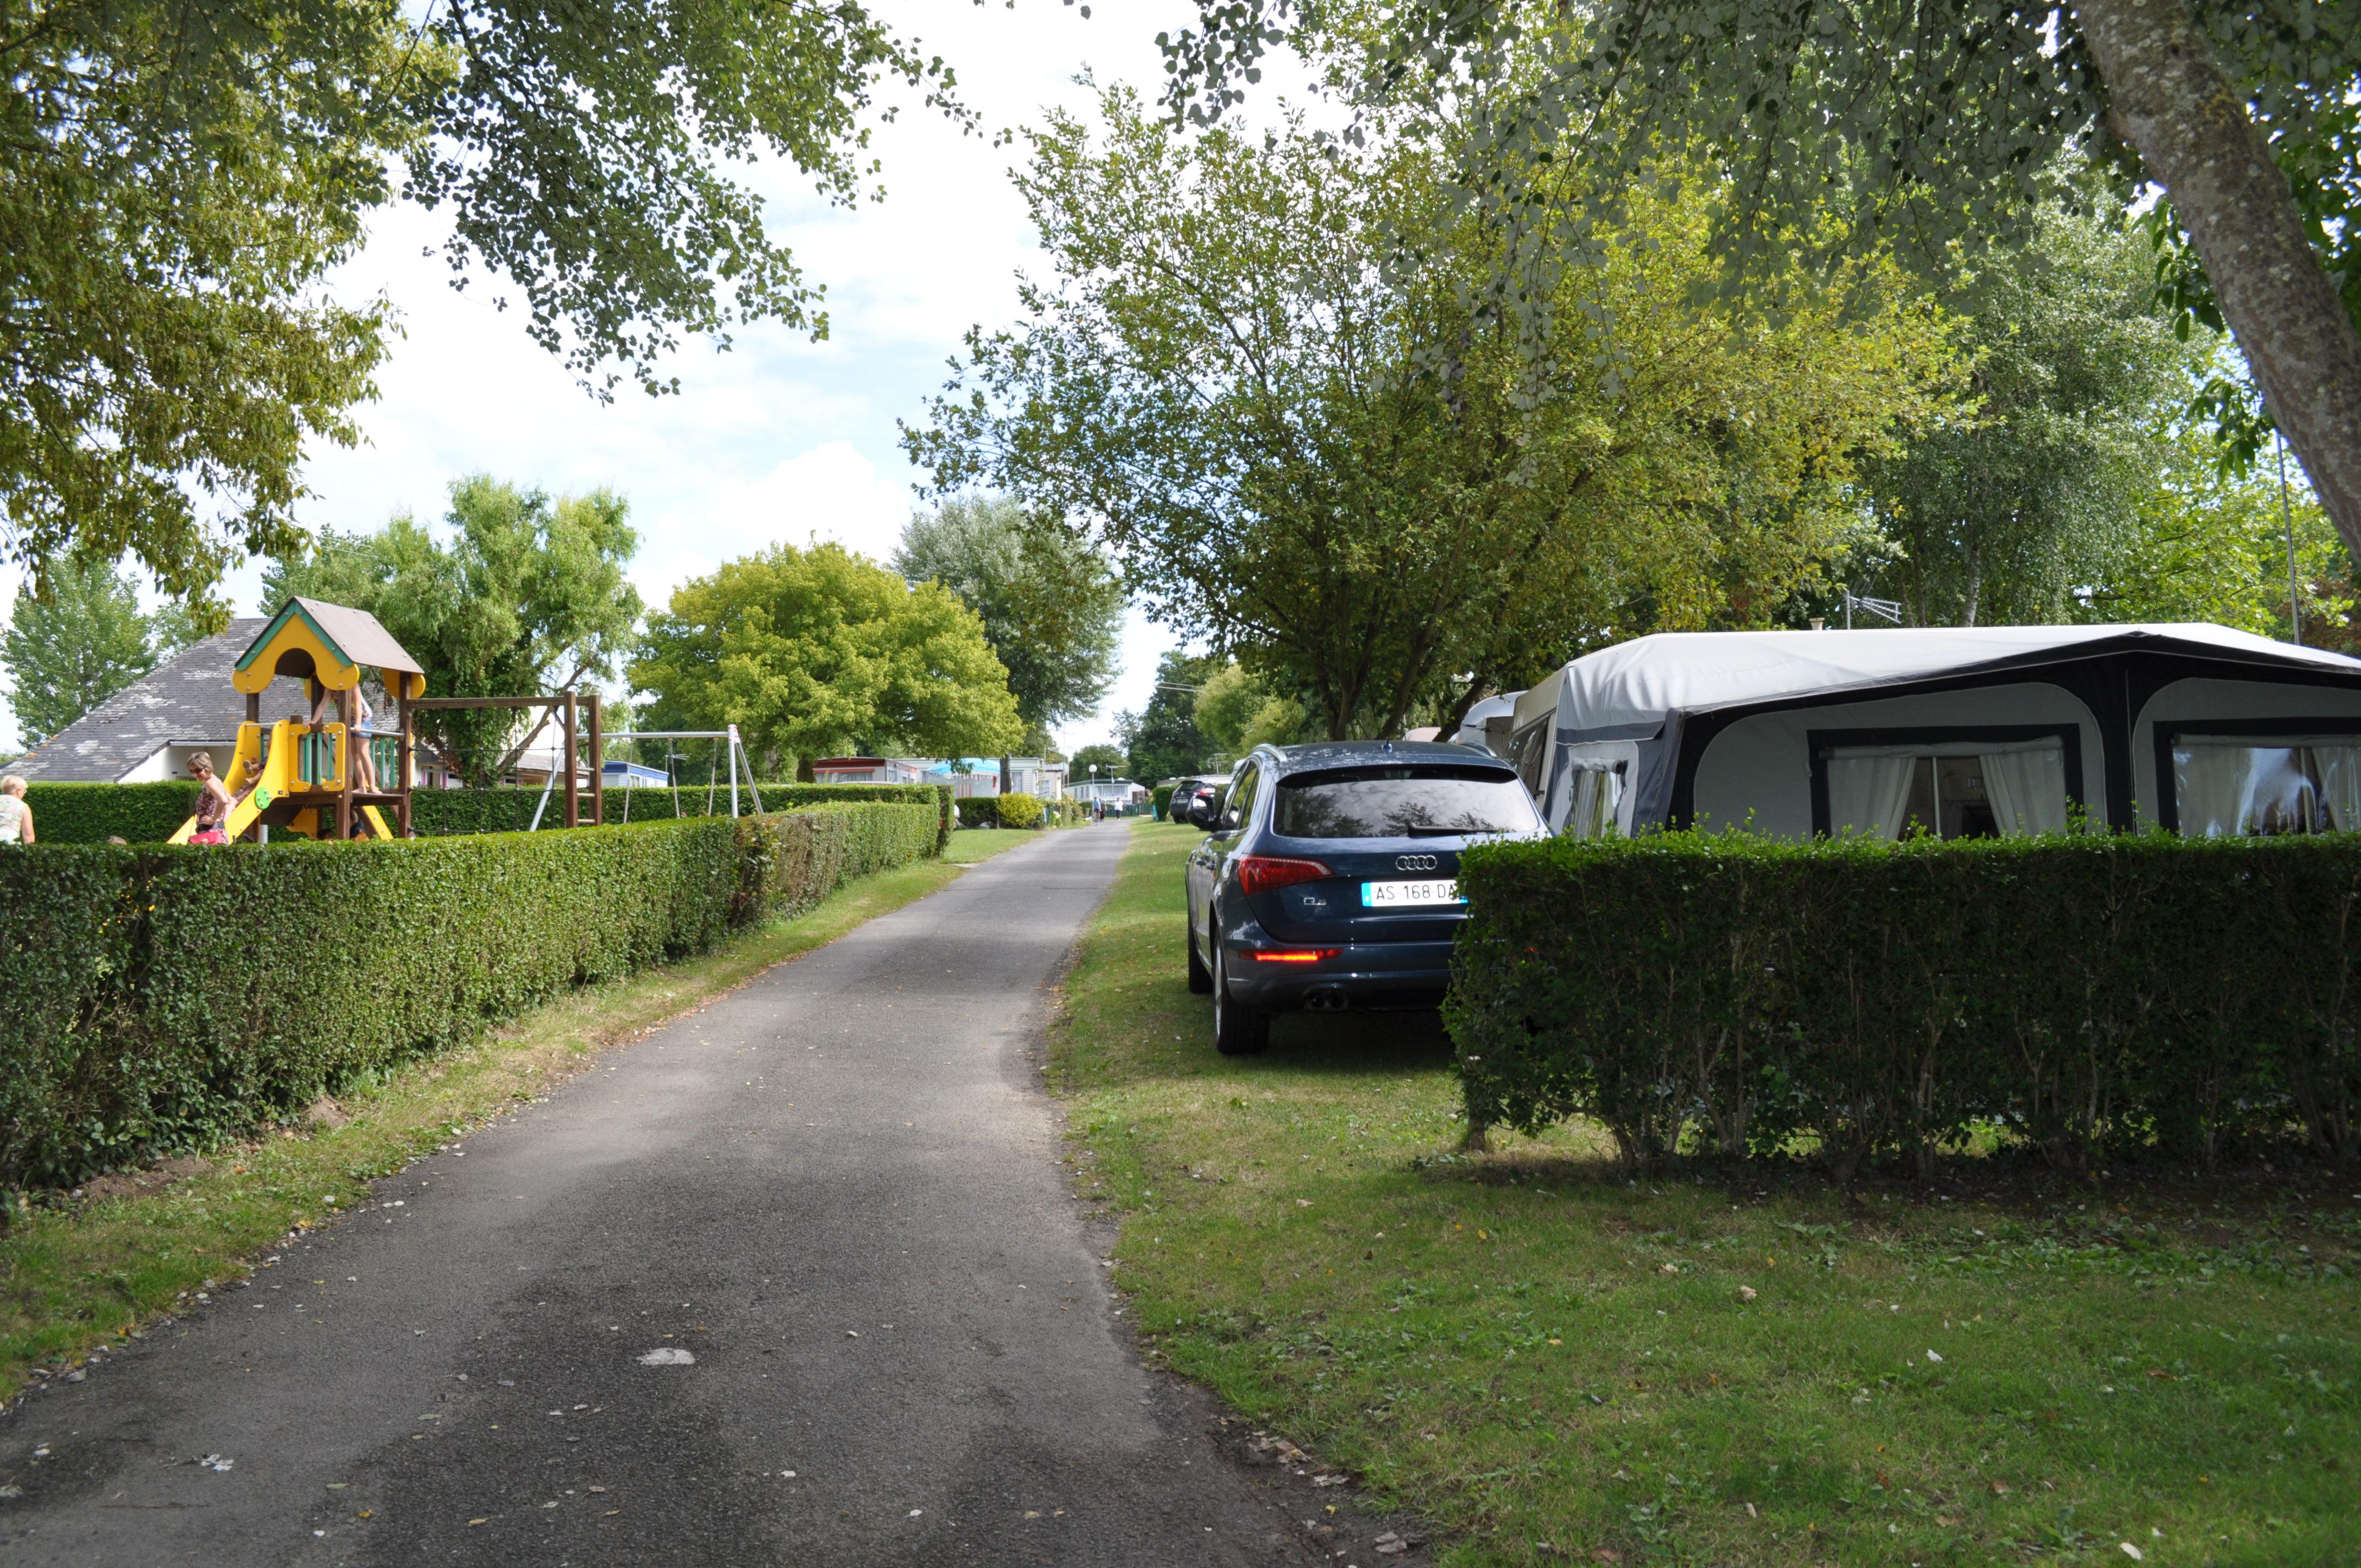 Promos, Offres Spéciales Au Camping De La Chanterie, Camping Bord De Mer  Avec Piscine ...